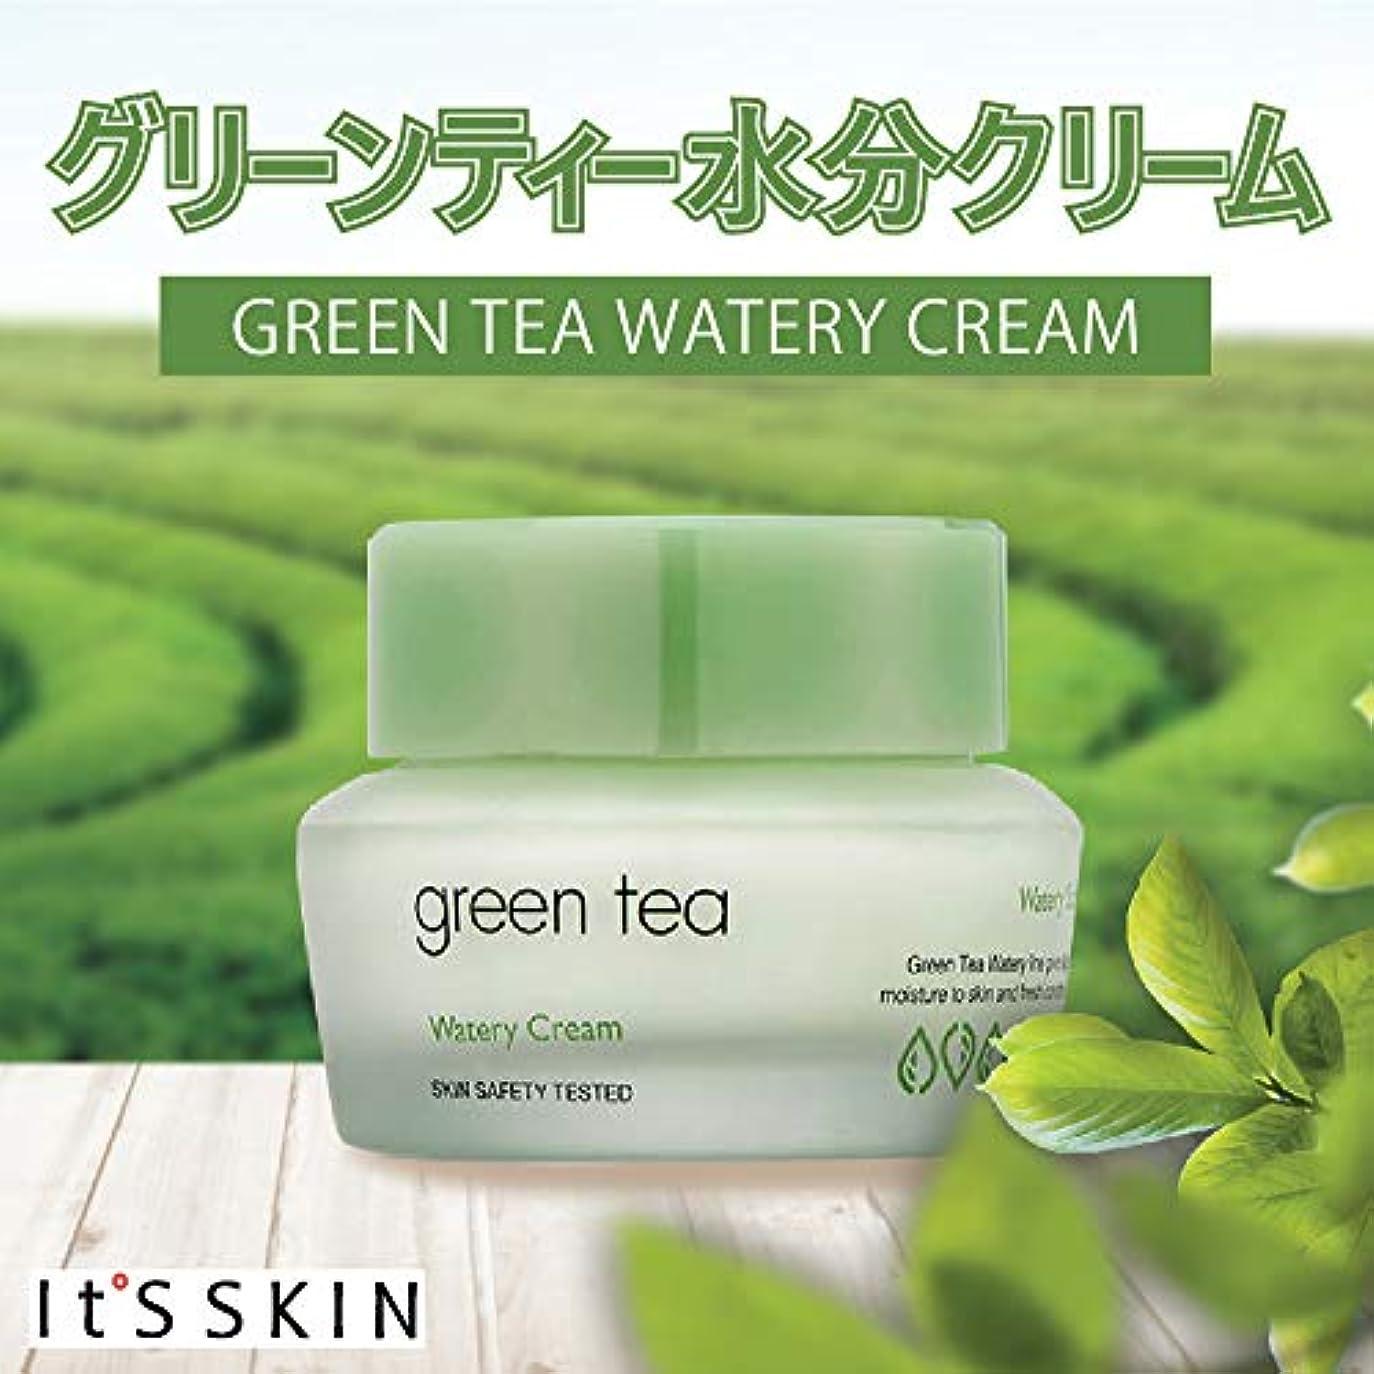 ワイプ反逆有益It's SKIN イッツスキン グリーン ティー ウォーターリー クリーム Green Tea Watery Cream 50g 【 水分 クリーム しっとり 保湿 キメ 韓国コスメ 】